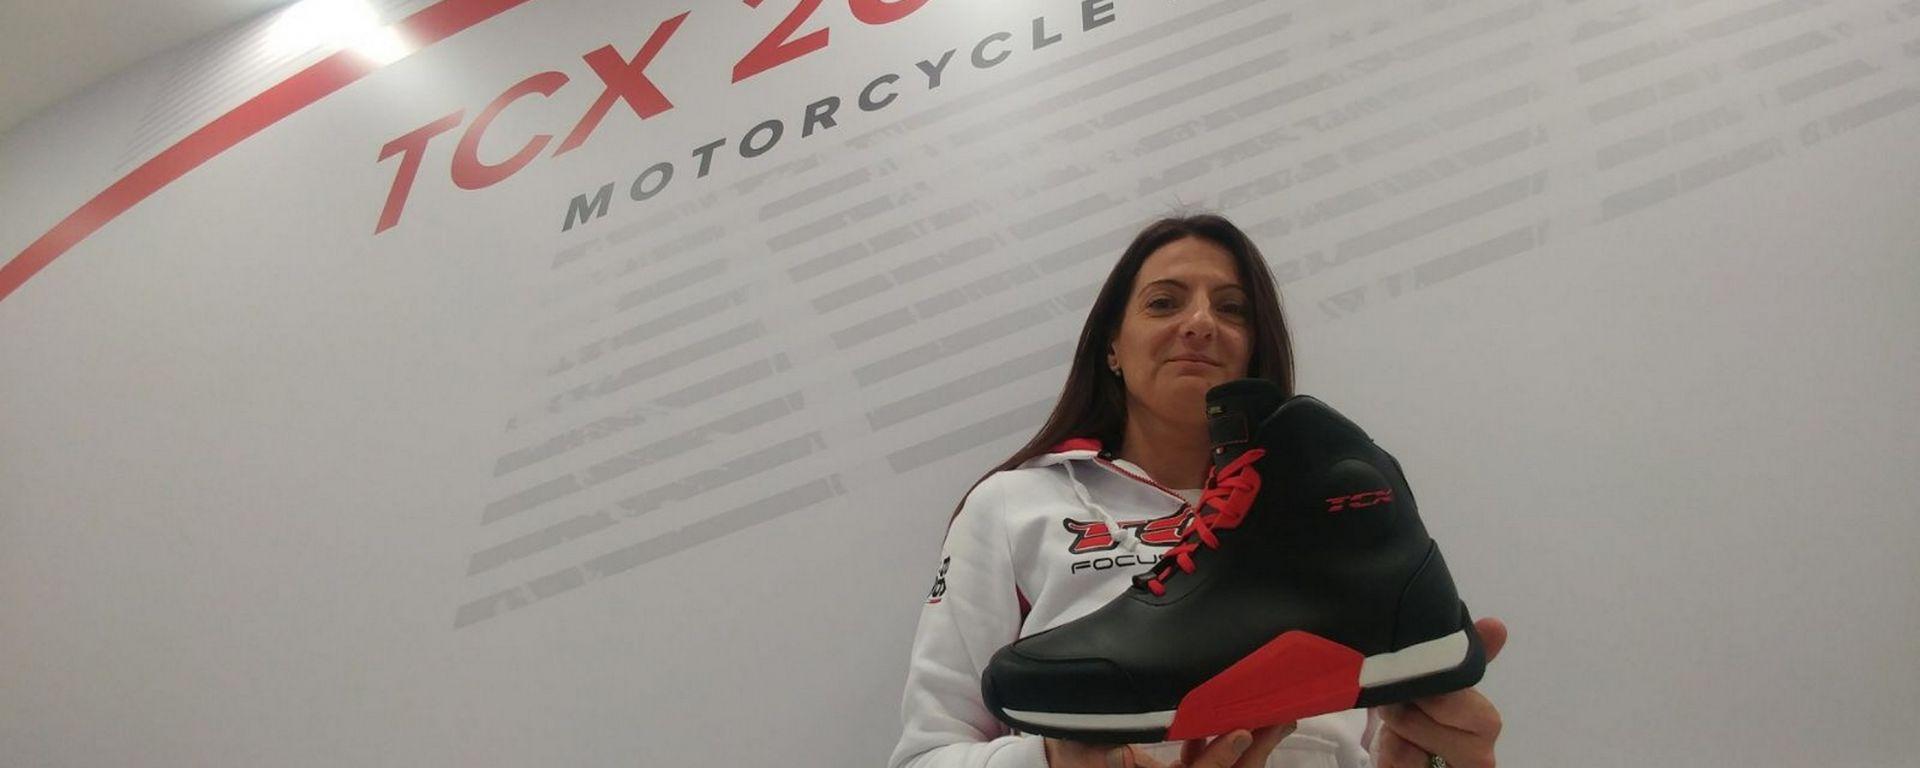 Alessia Capodicasa, Responsabile Marketing e PR Tcx